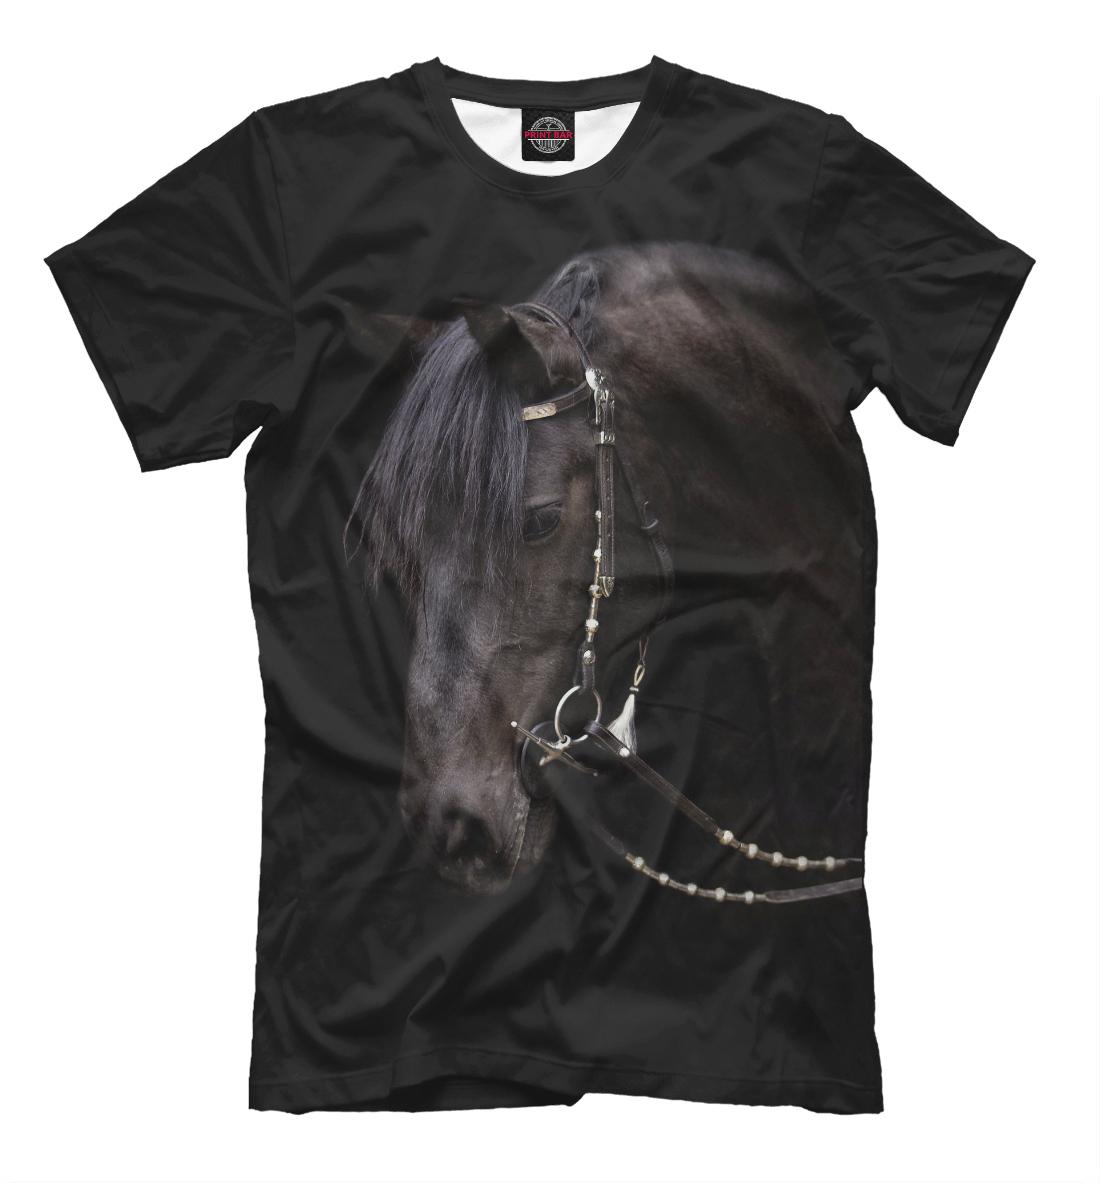 Купить Конь, Printbar, Футболки, LOS-711033-fut-2